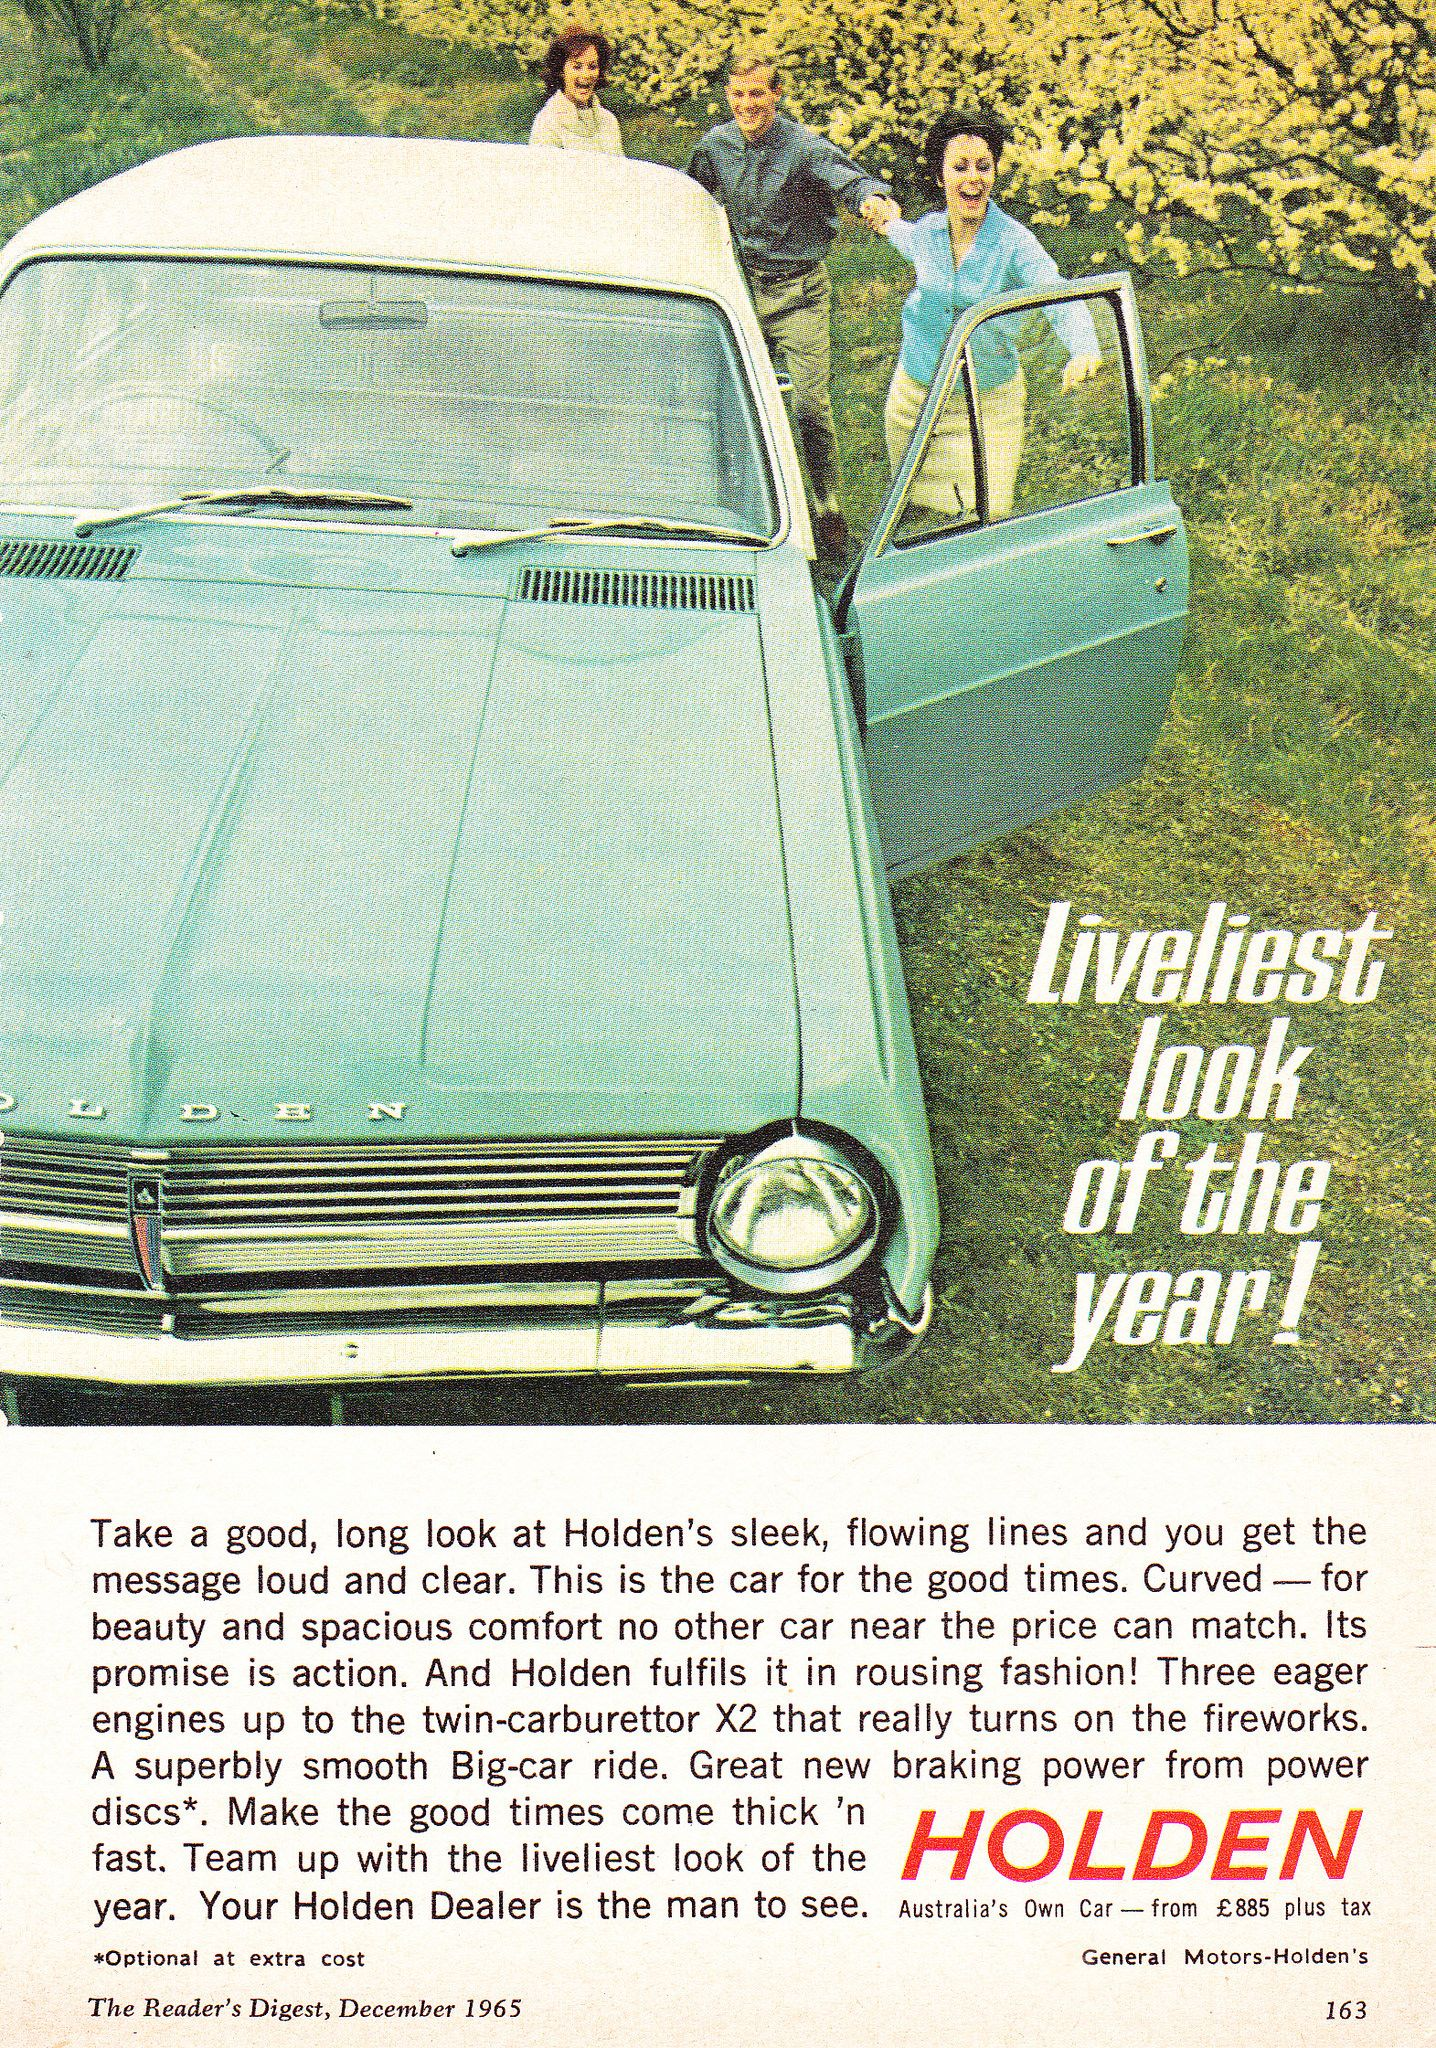 1965 Hd Holden Special Sedan Liveliest Look Aussie Original Magazine